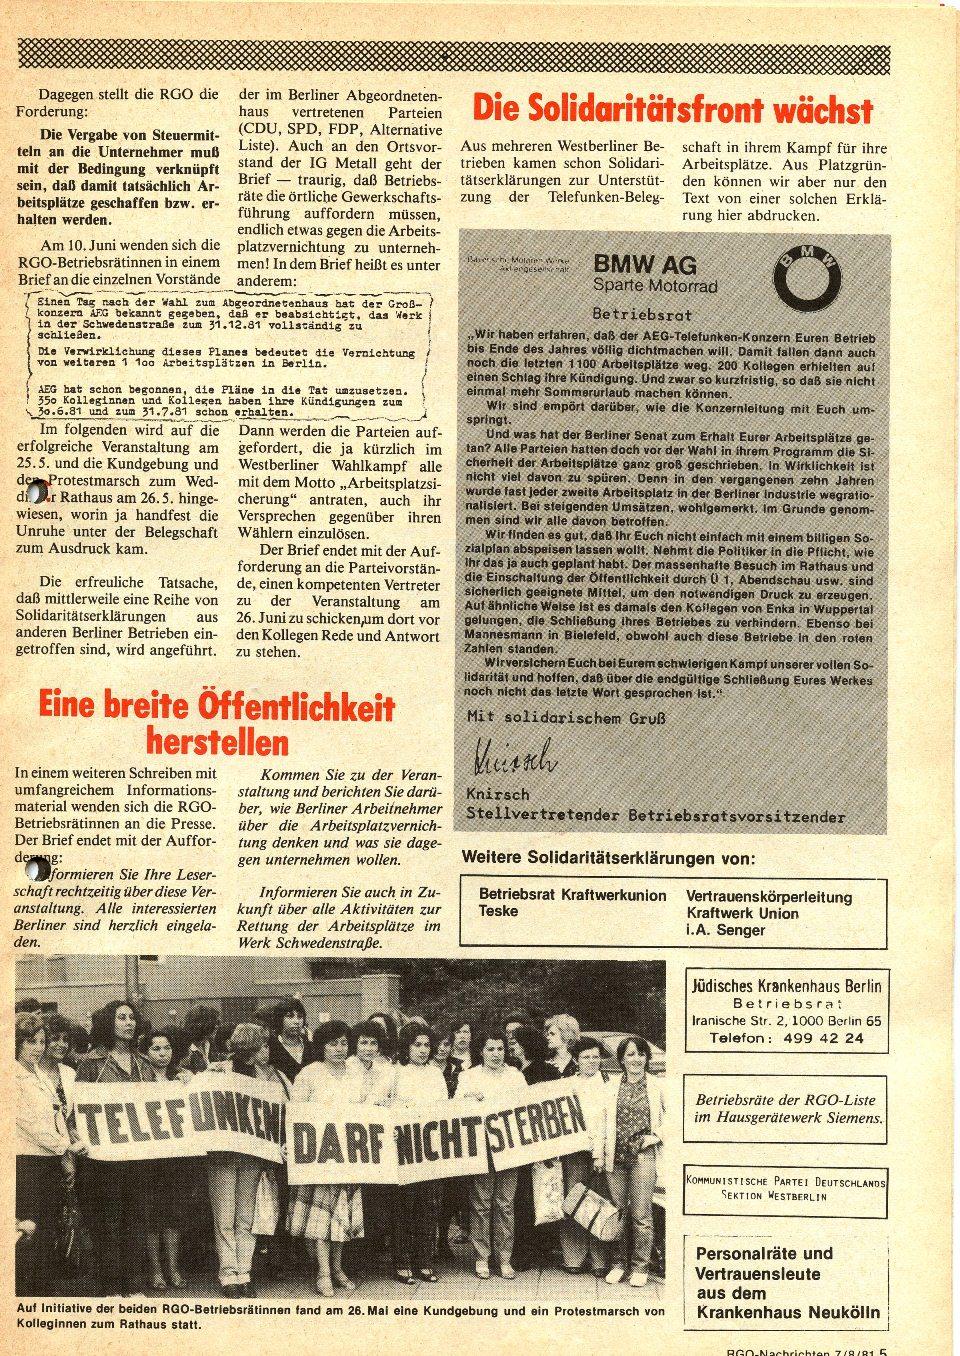 RGO_RGO_Nachrichten_1981_07_08_05